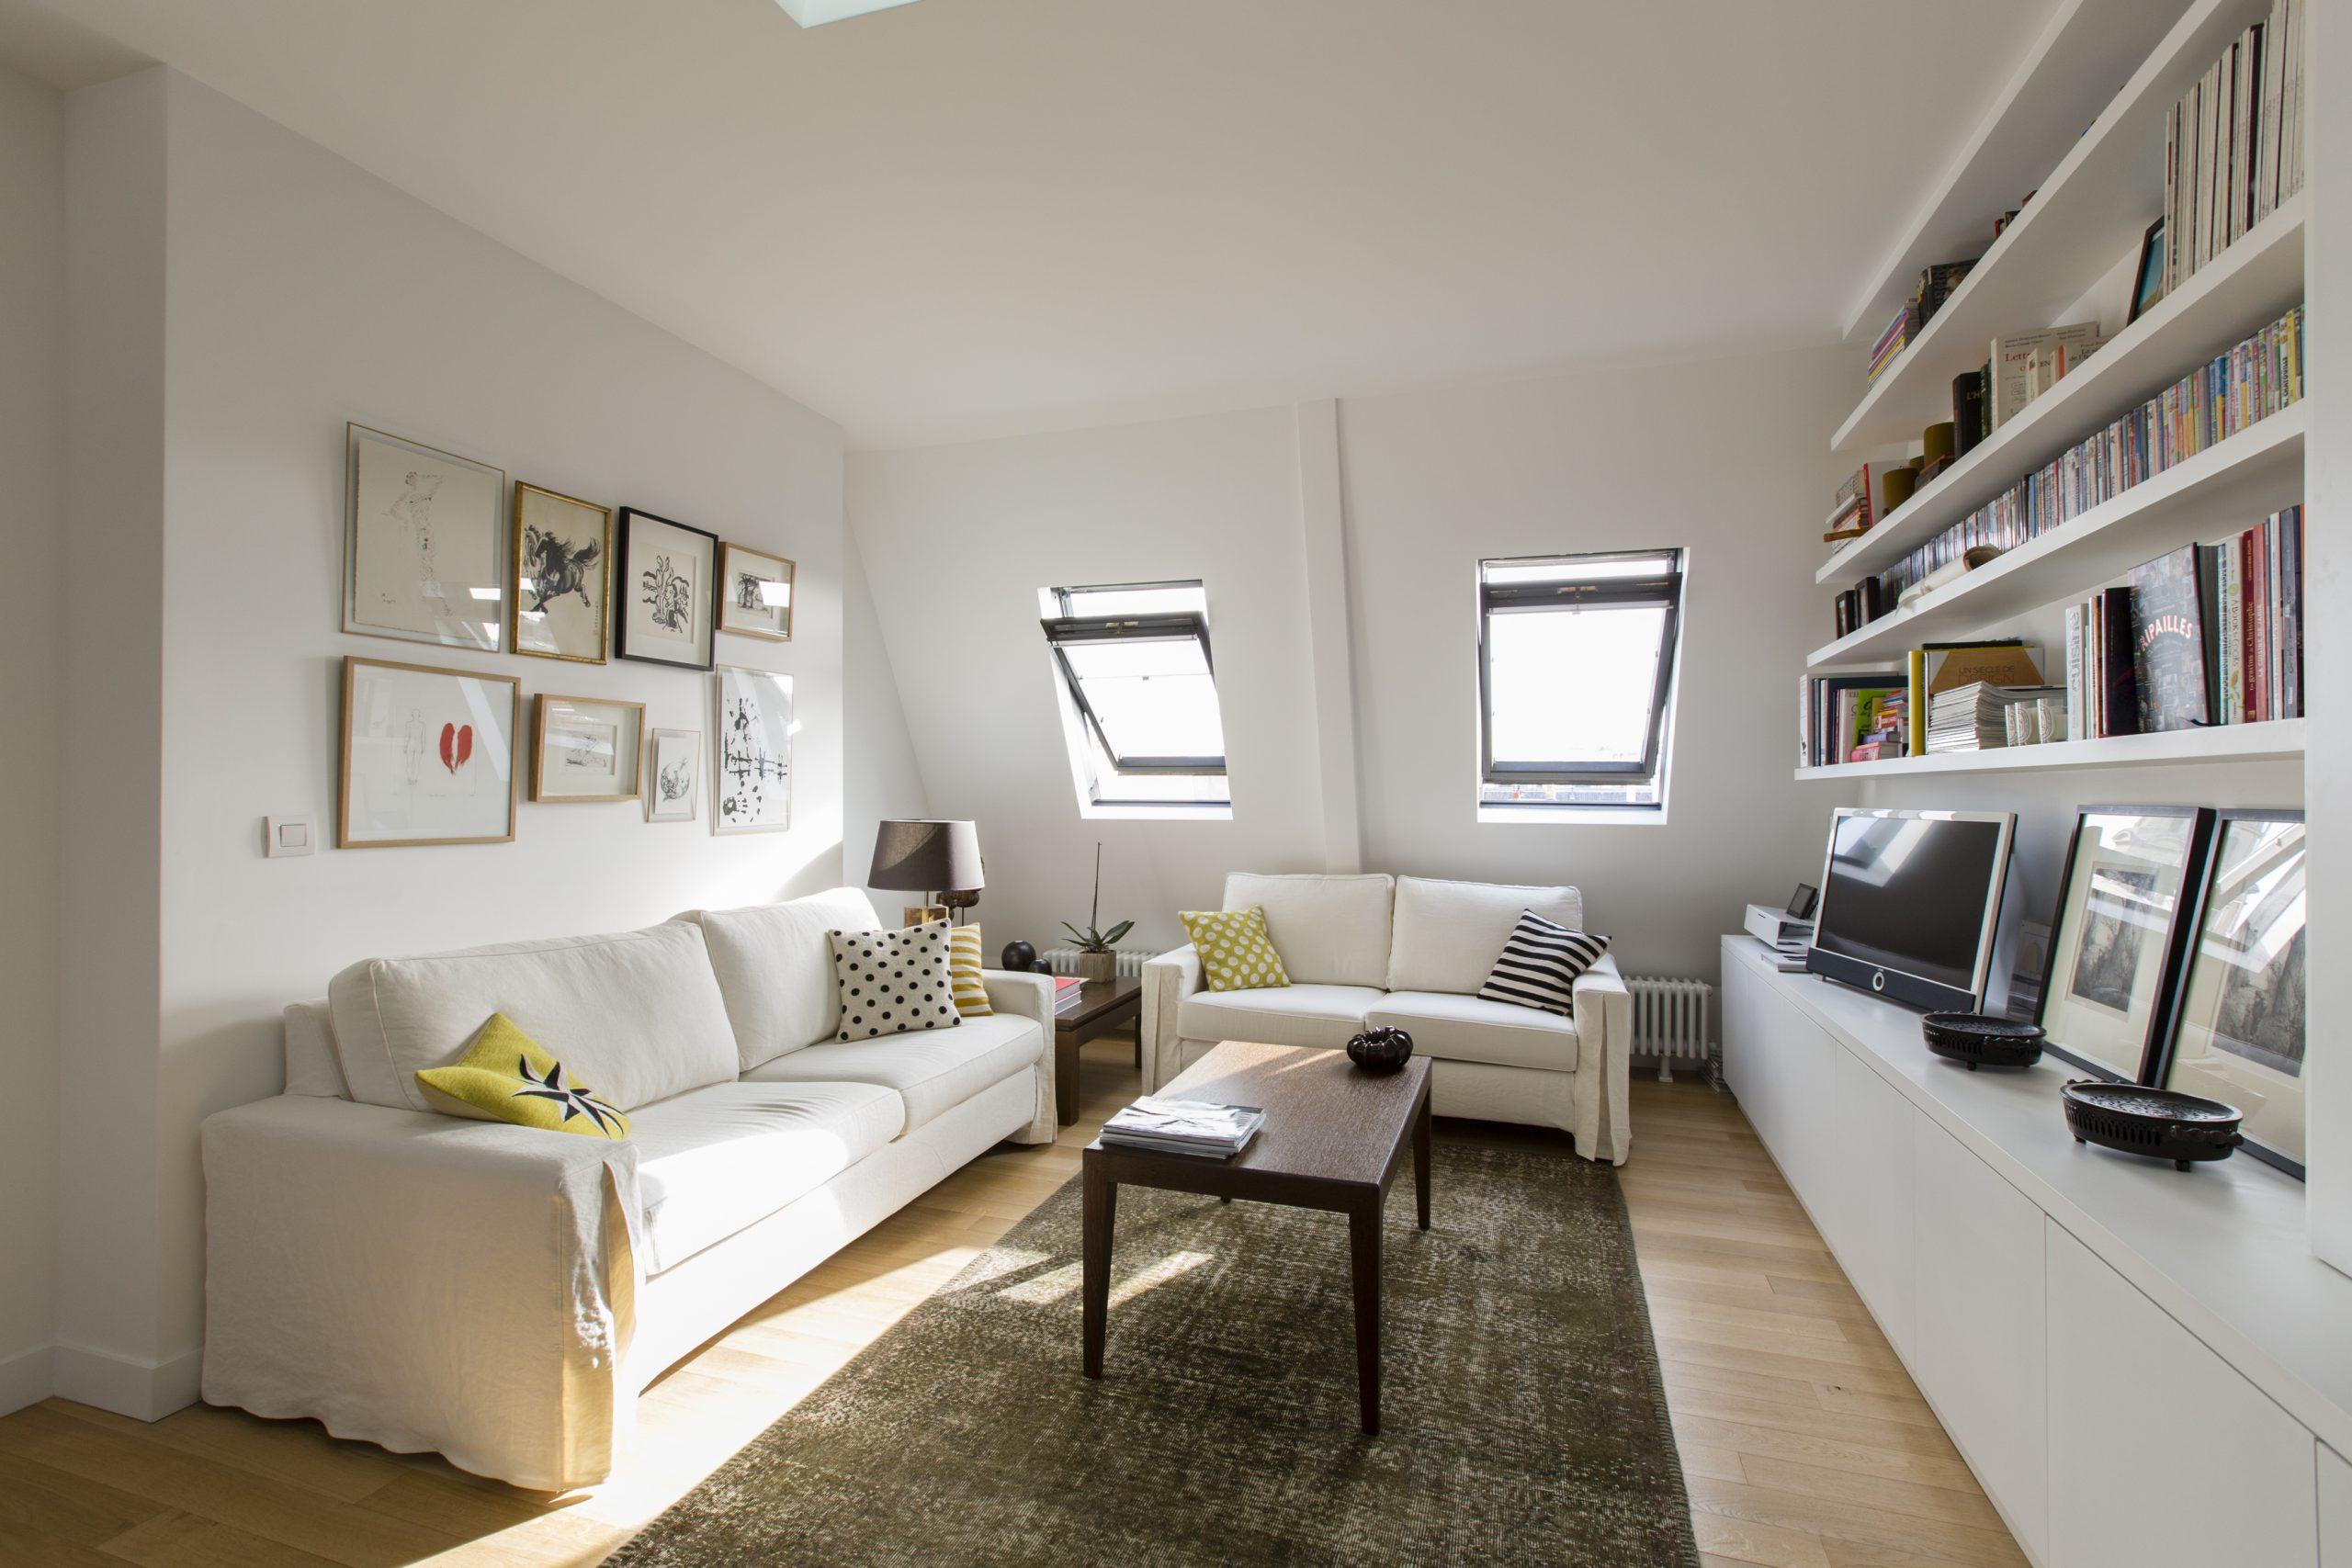 Comment Rendre Sa Chambre Chaleureuse comment rendre votre salon cosy ?